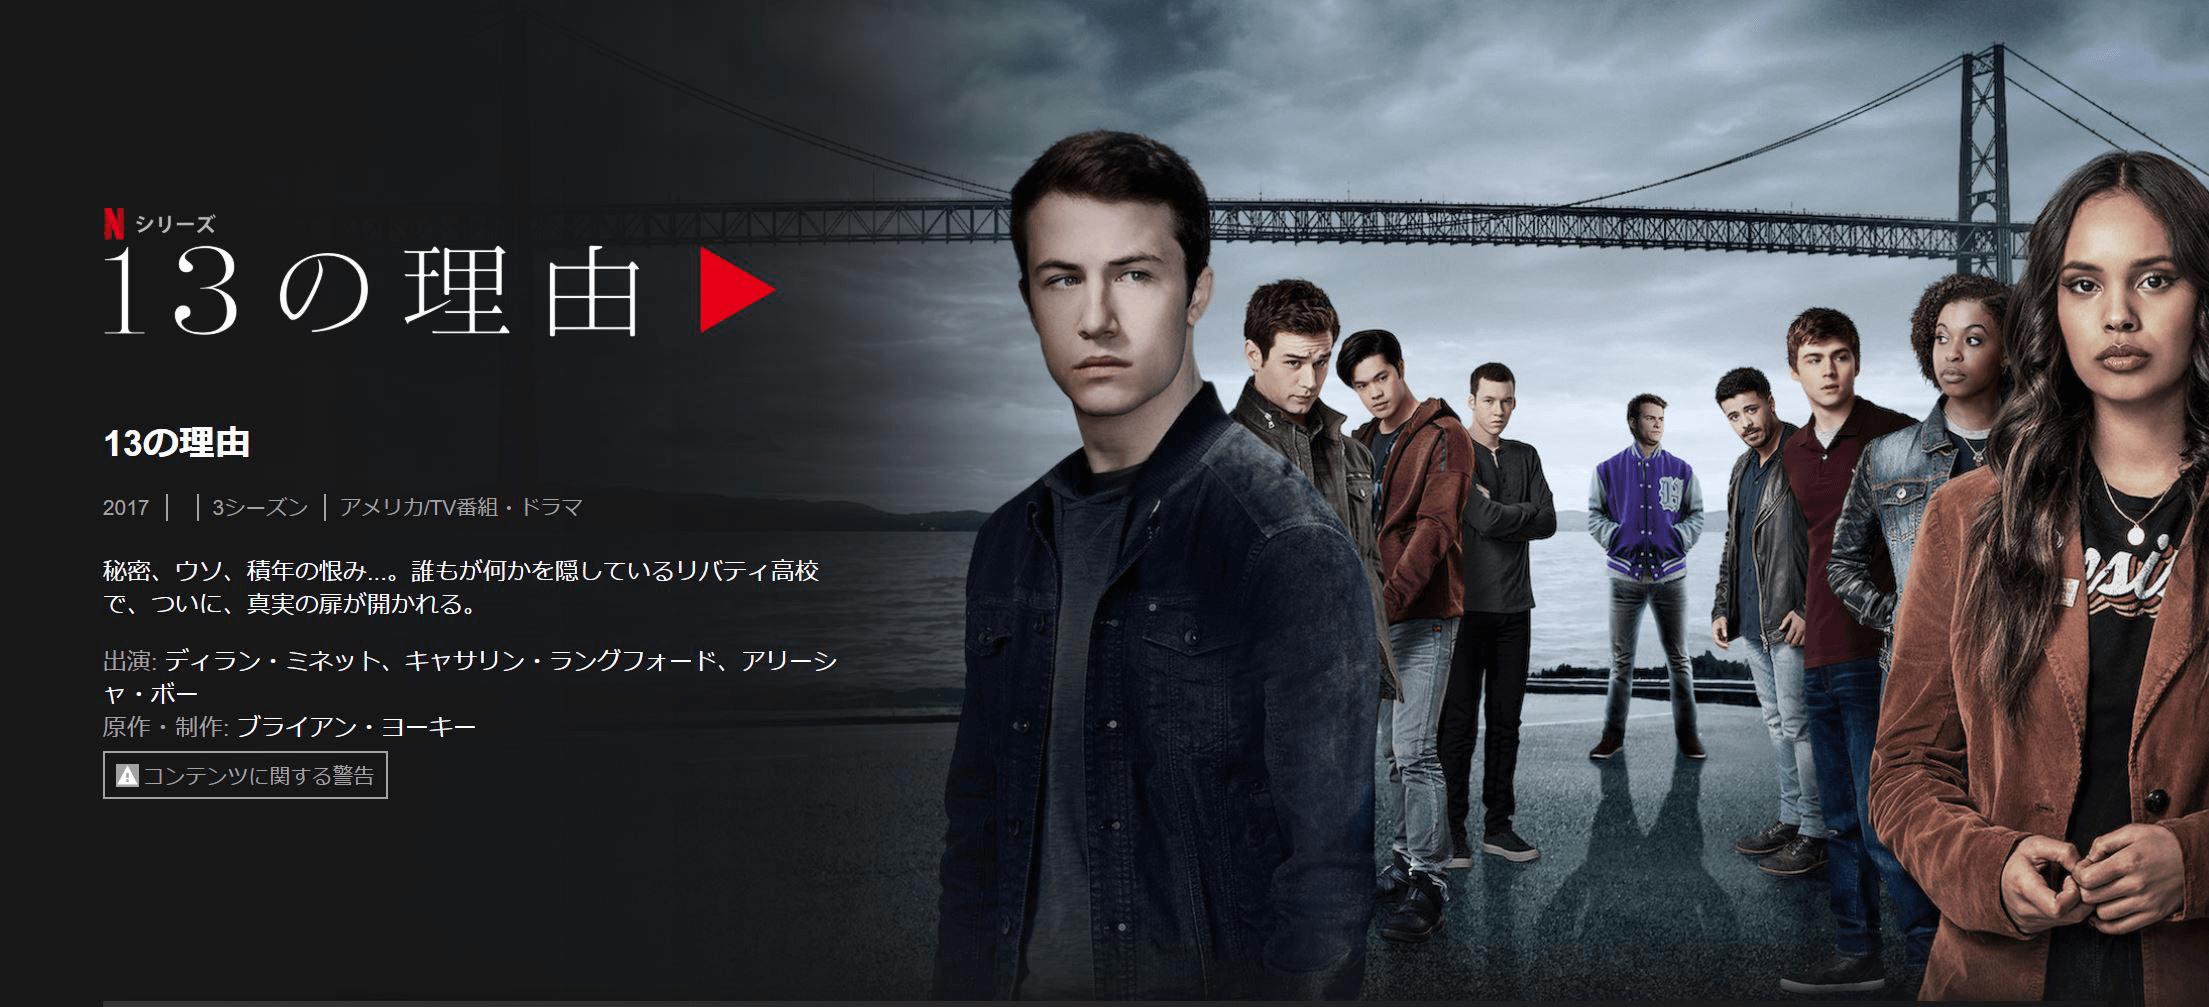 Netflixで配信されている13の理由